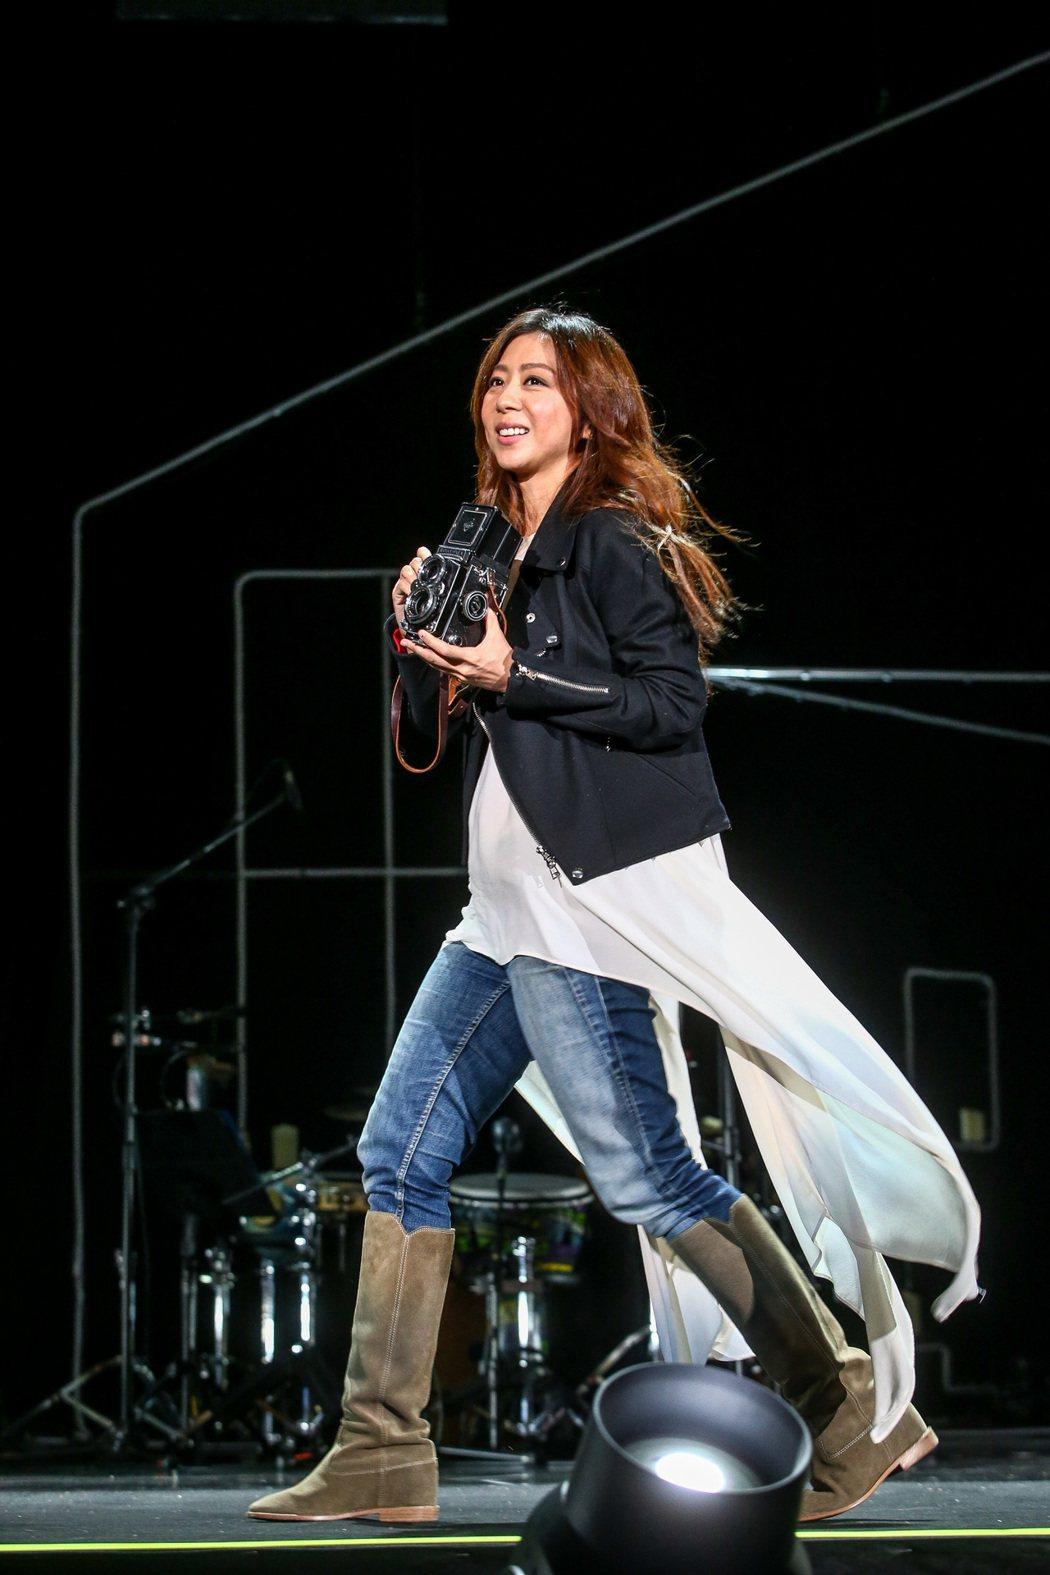 陳綺貞今晚在台北國際會議中心舉辦「Acoustic cheer ego房間裡的音...